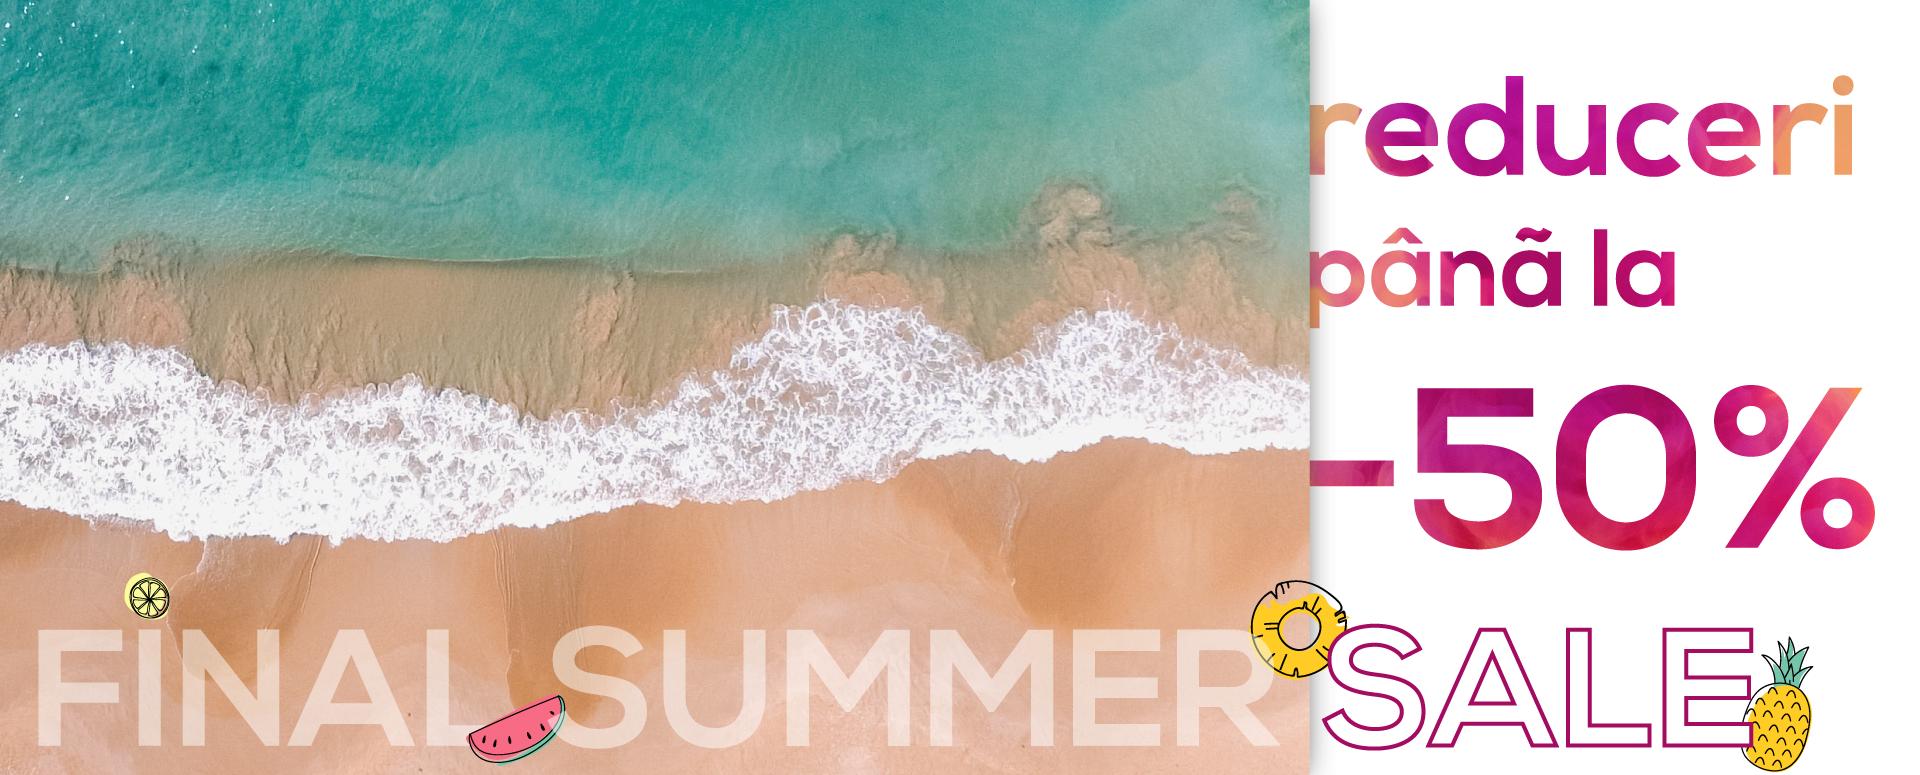 Final Summer Sales